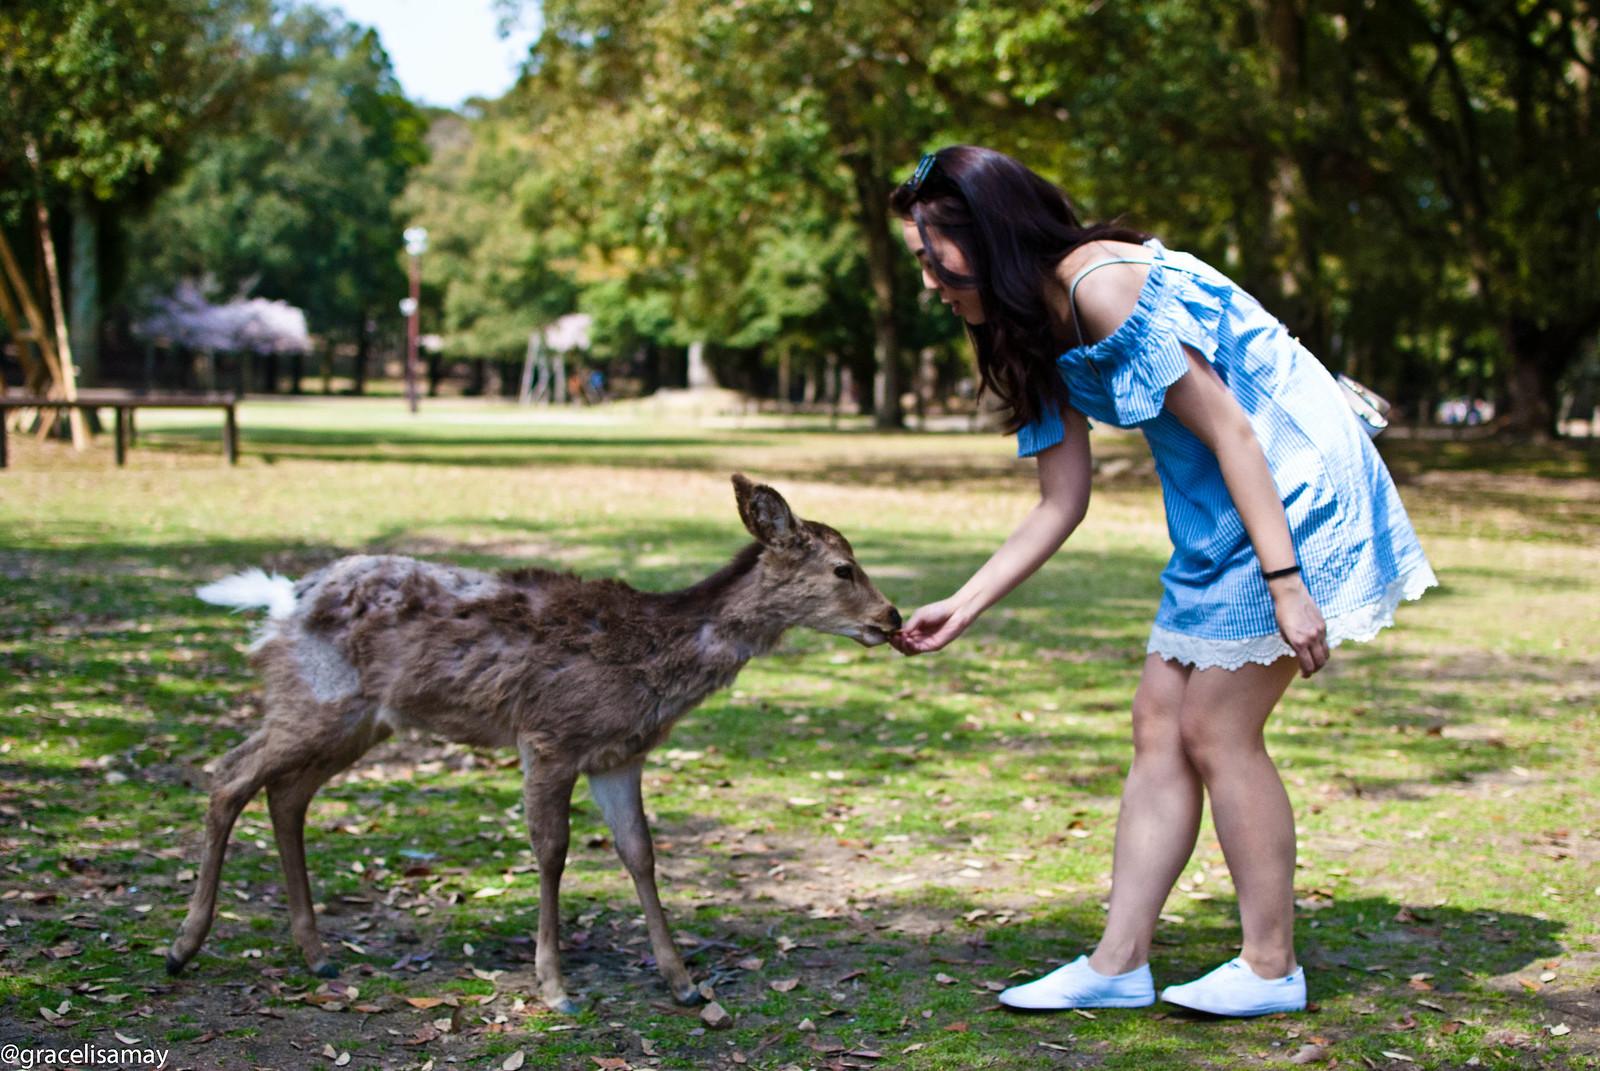 Japan: A day at Nara Park